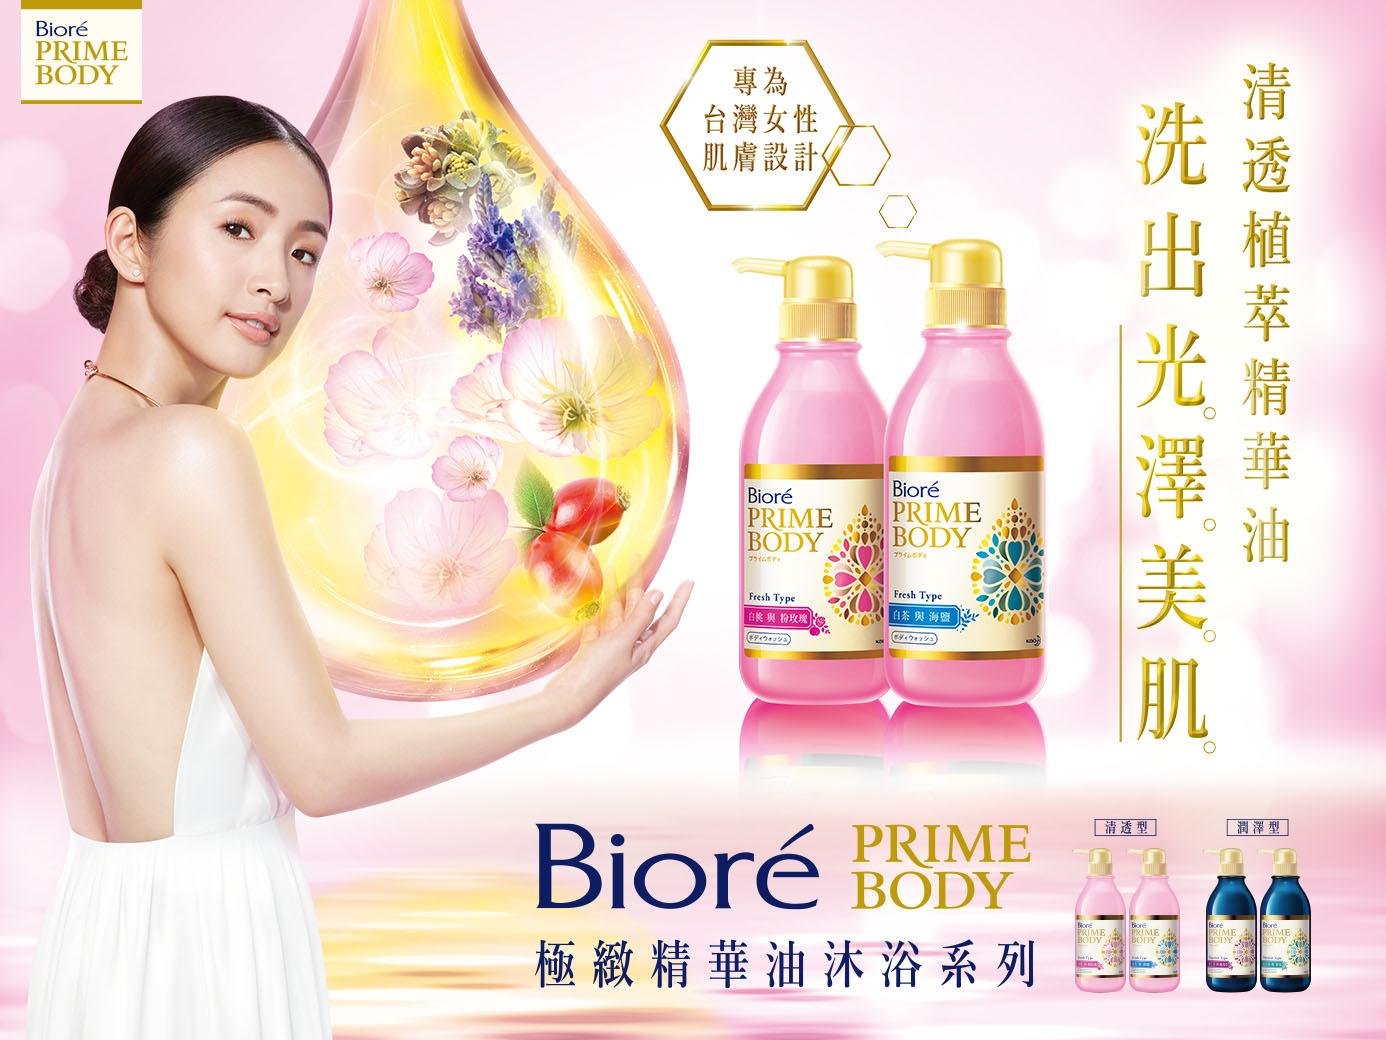 你專屬的植萃精華油美容-Bioré極緻精華油沐浴系列,讓你保持肌膚年輕水嫩!